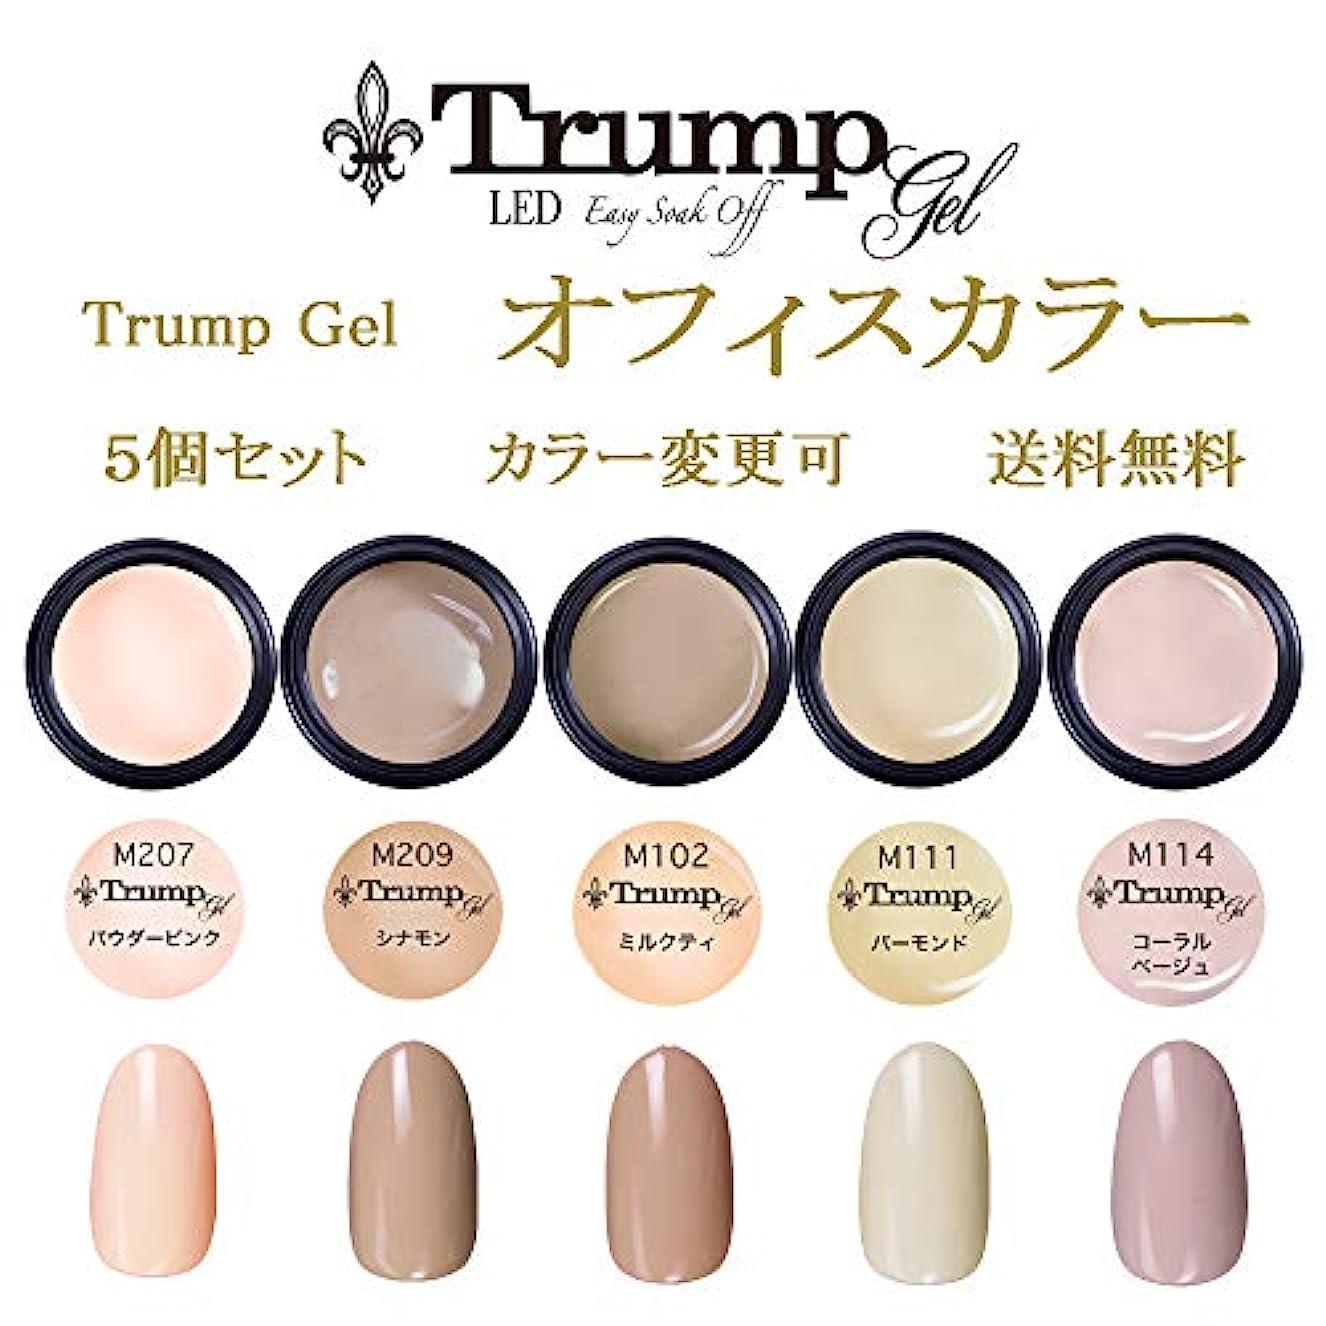 近所の特徴山岳日本製 Trump gel トランプジェル オフィスカラー 選べる カラージェル 5個セット ベージュ ブラウン ピンク ホワイト ビジネス カジュアル オフィス